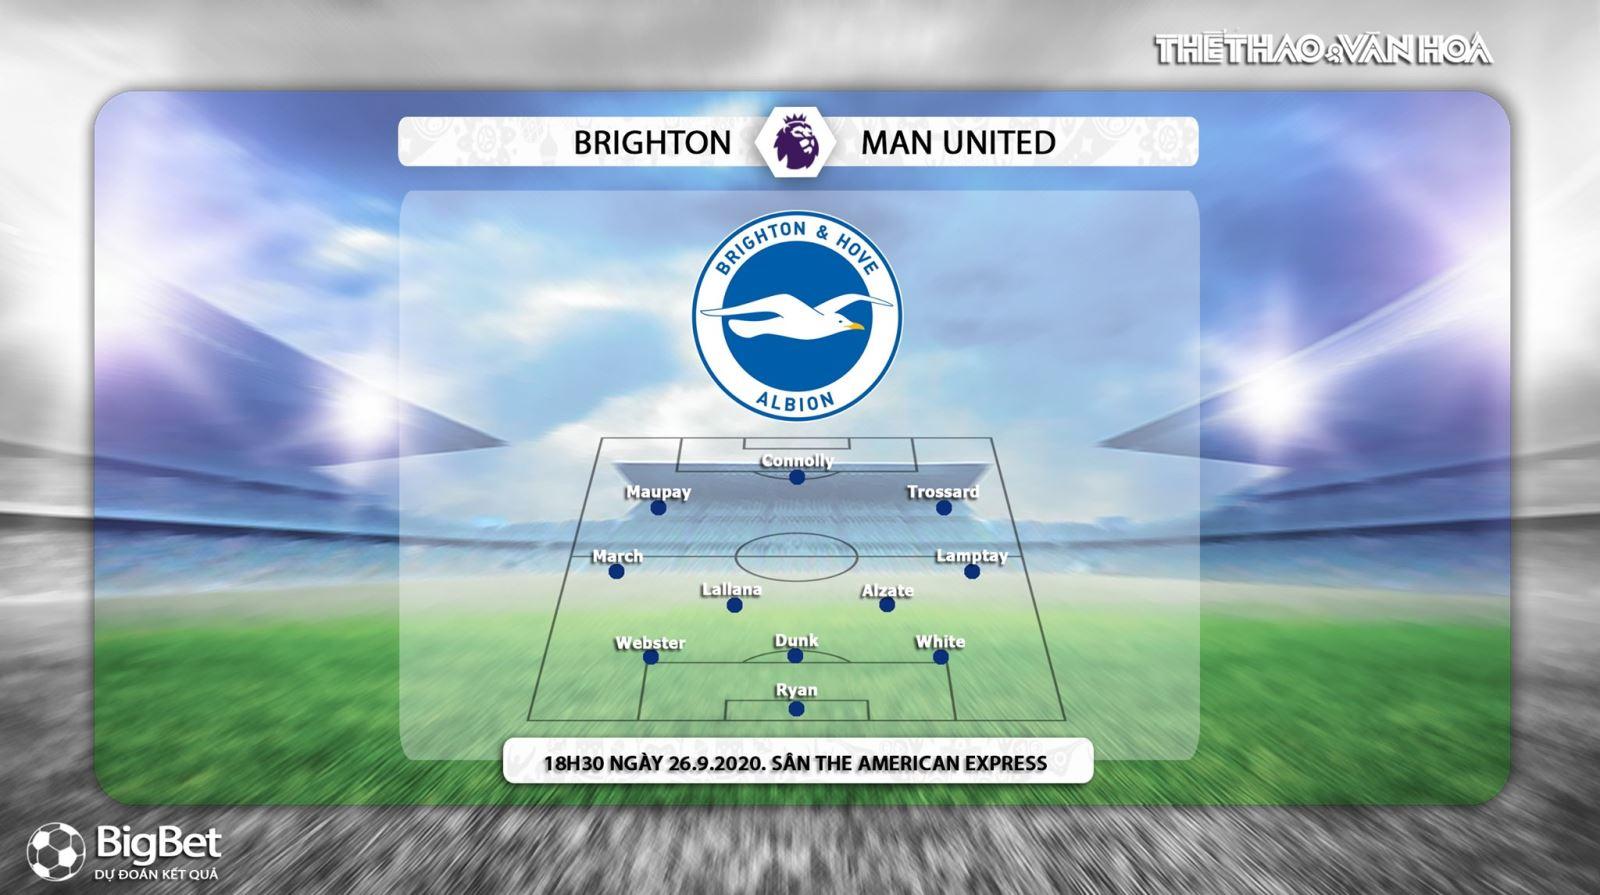 Keo nha cai, Kèo nhà cái, Brighton vs MU, Trực tiếp bóng đá Vòng 3 Ngoại hạng Anh, K+PM, Trực tiếp Ngoại hạng Anh vòng 3, Soi kèo MU đấu với Brighton, Kèo MU, Kèo bóng đá